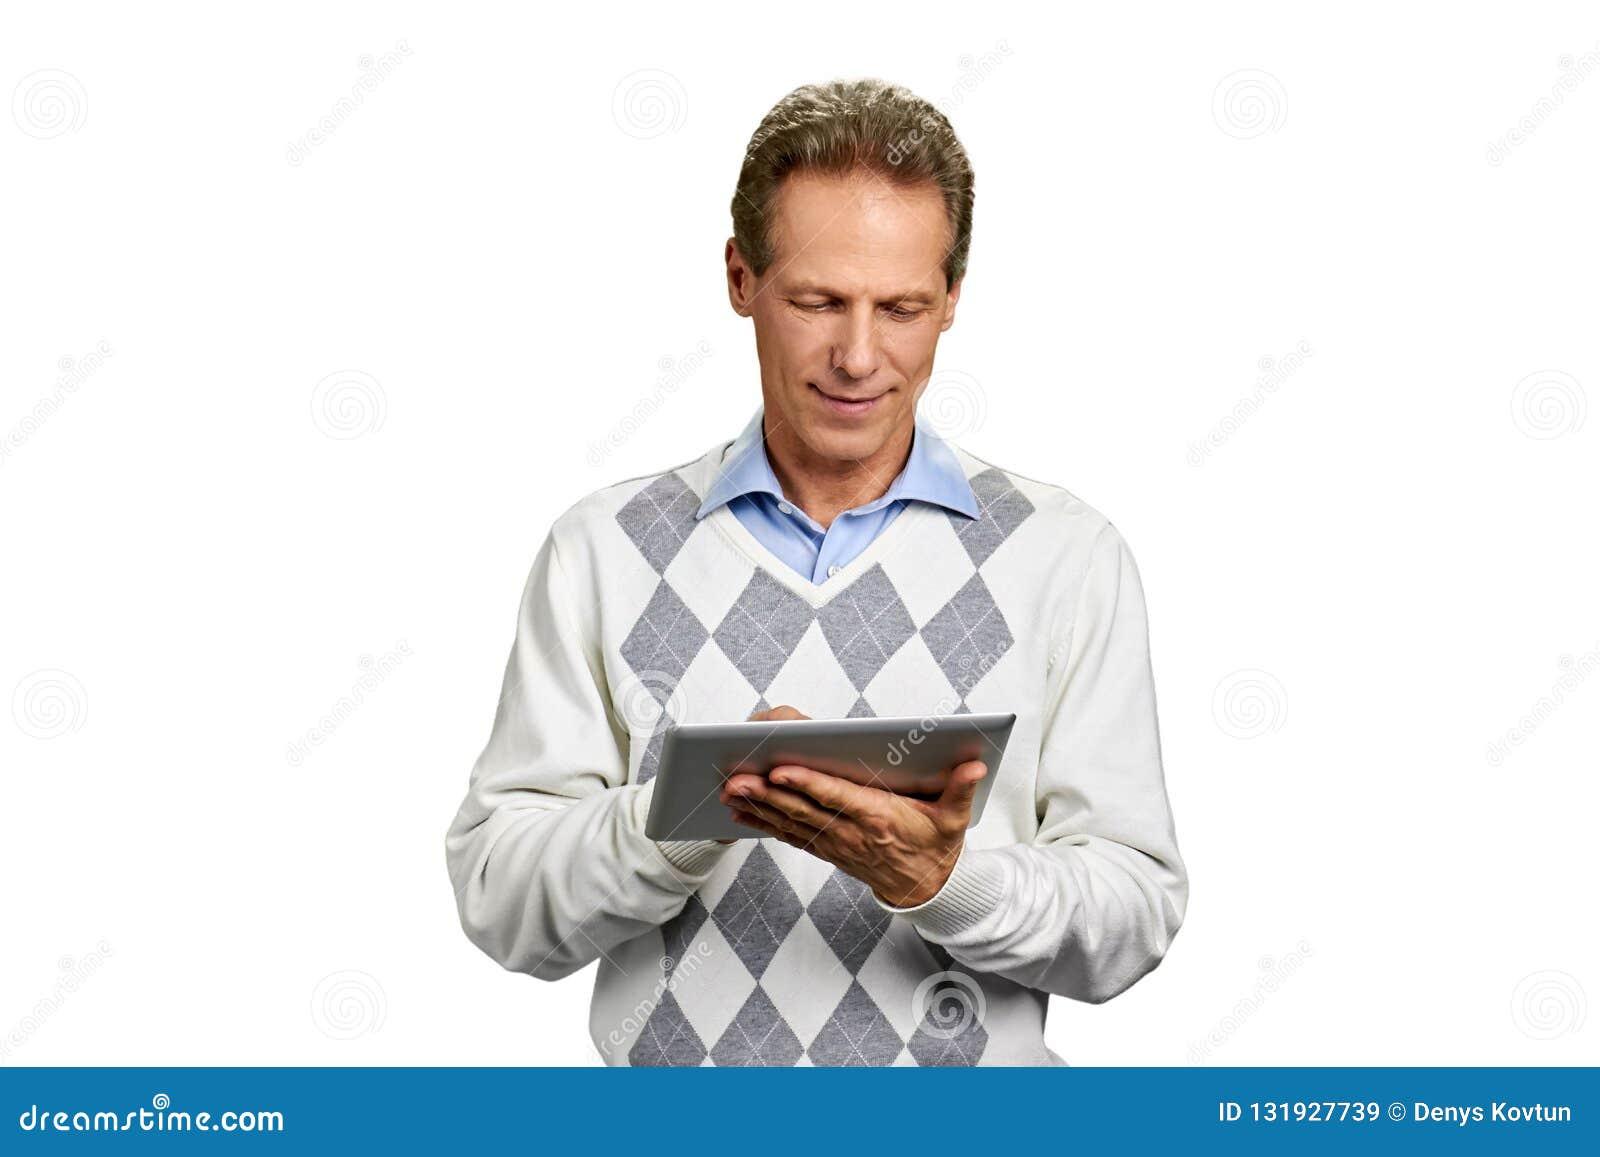 Πορτρέτο του ατόμου με την ψηφιακή ταμπλέτα